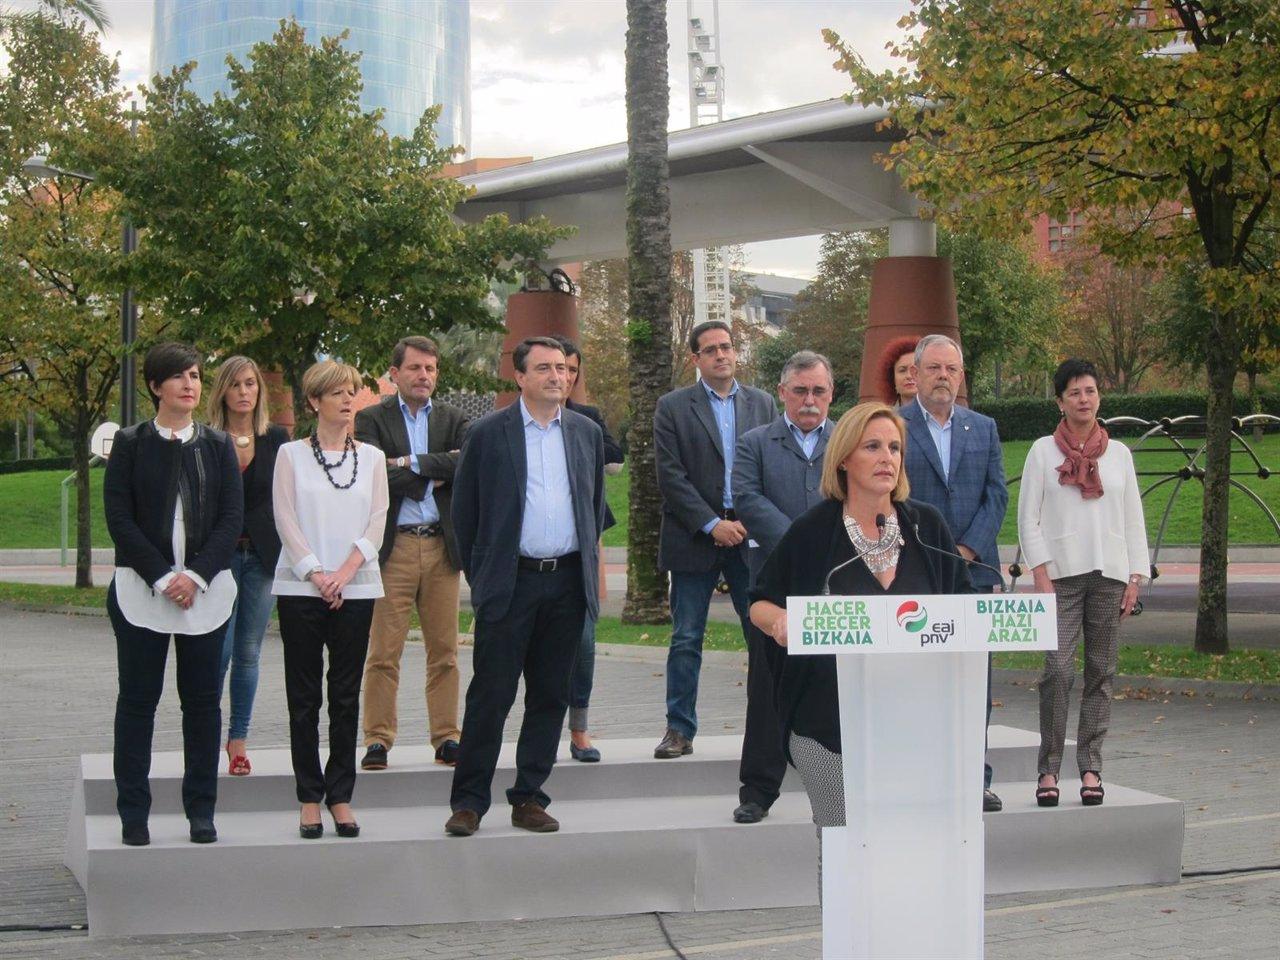 Presentación de los candidatos vizcaínos de PNV a Congreso y Senado